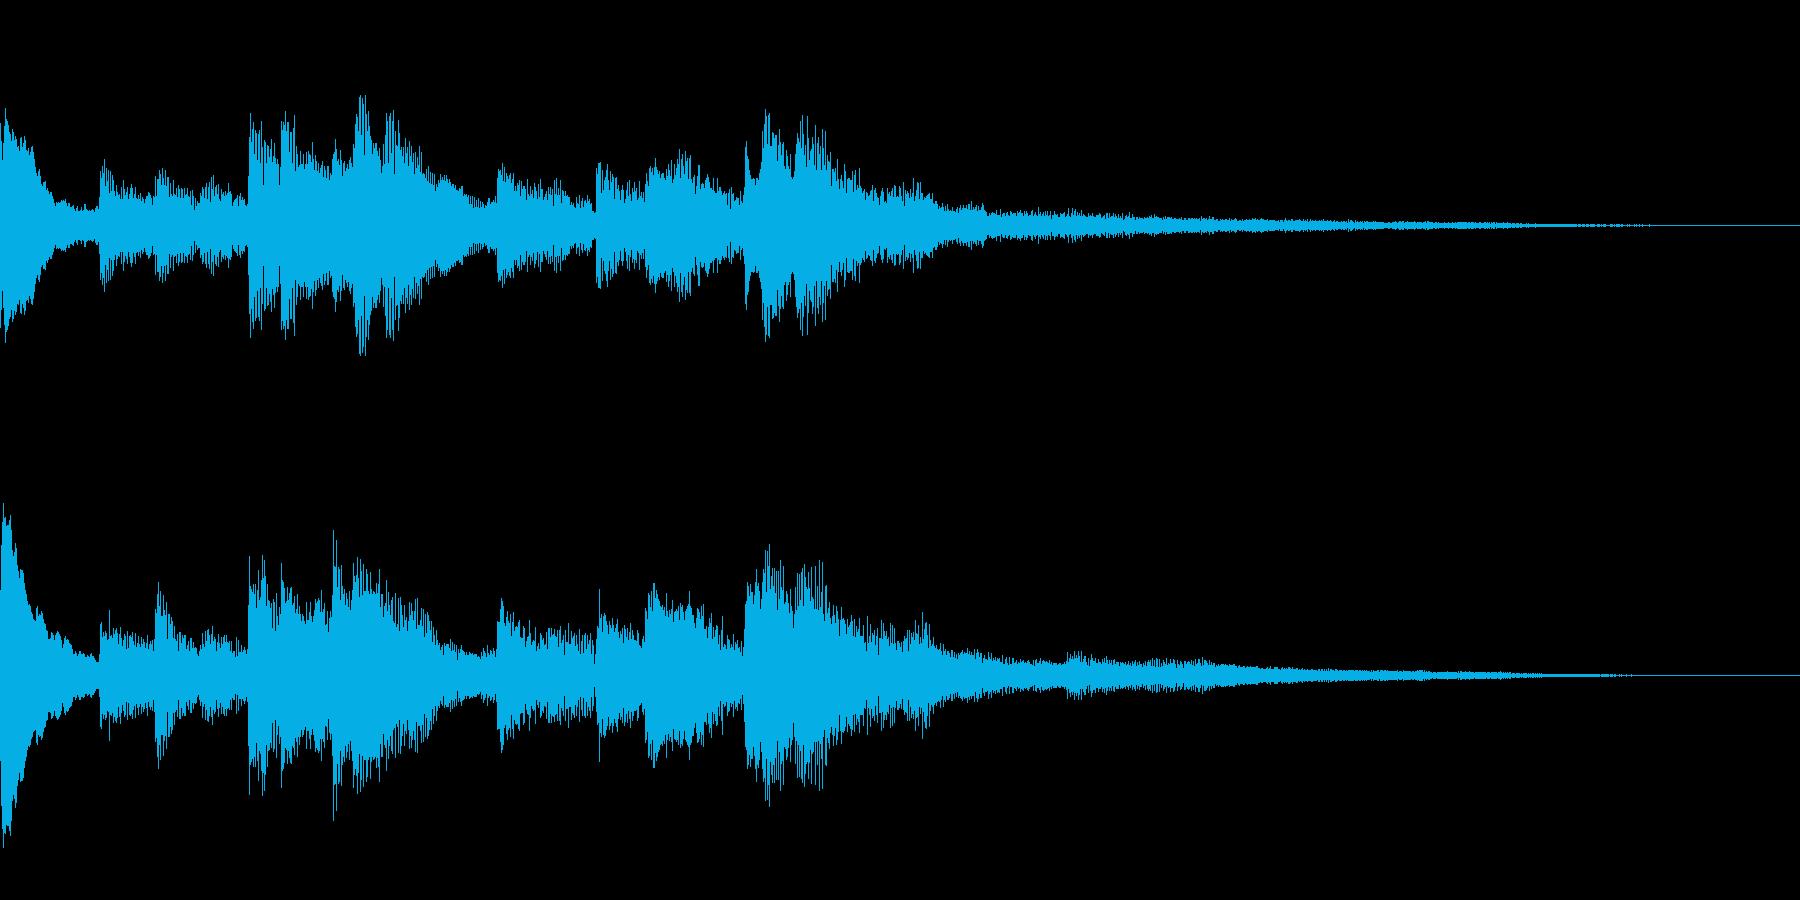 きれいなソロピアノジングルの再生済みの波形